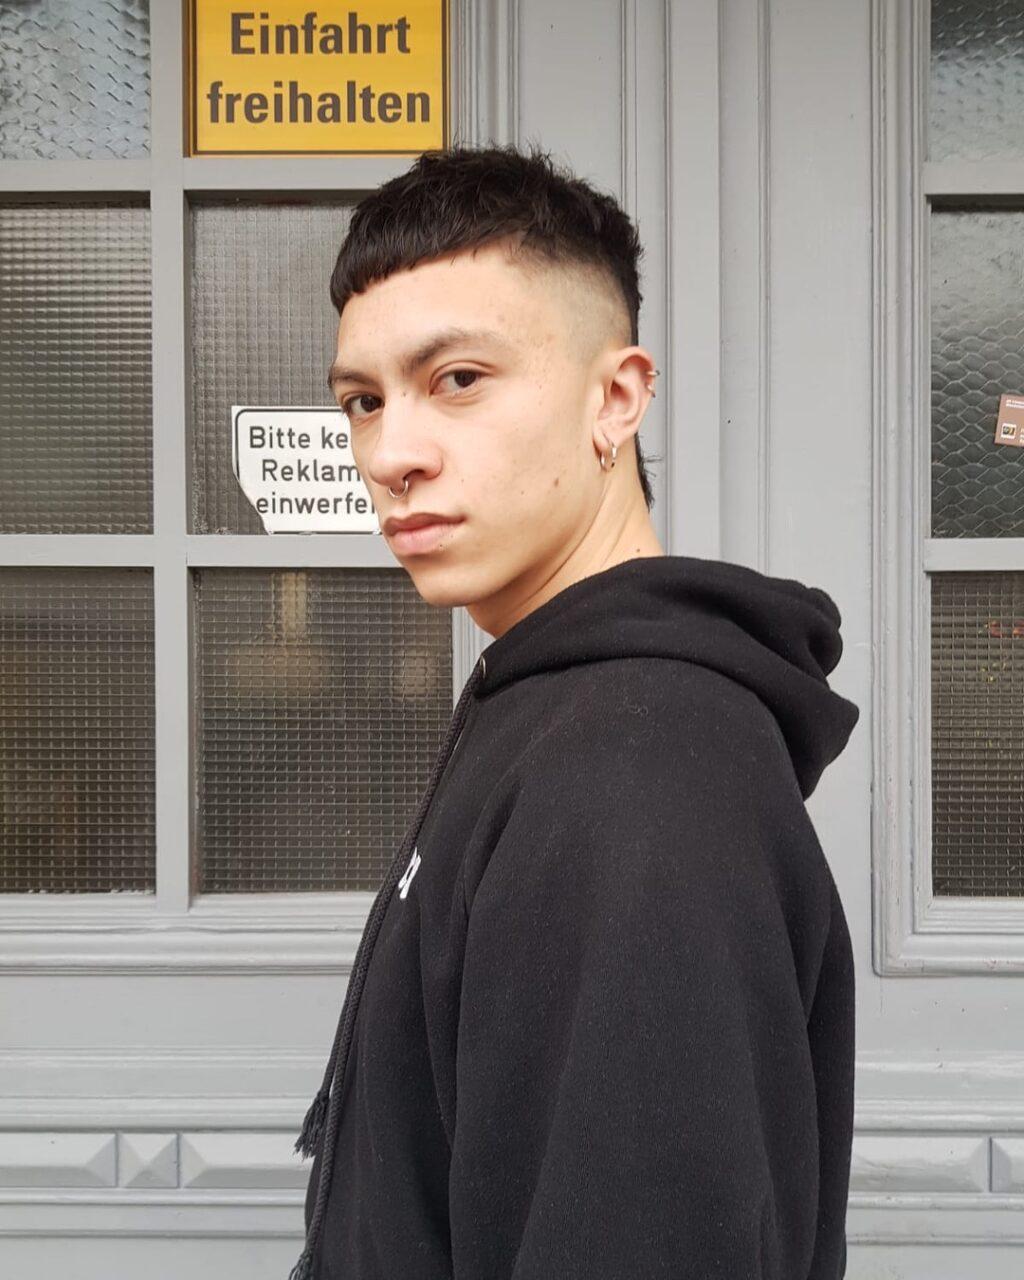 mullet short sides black hair berlin